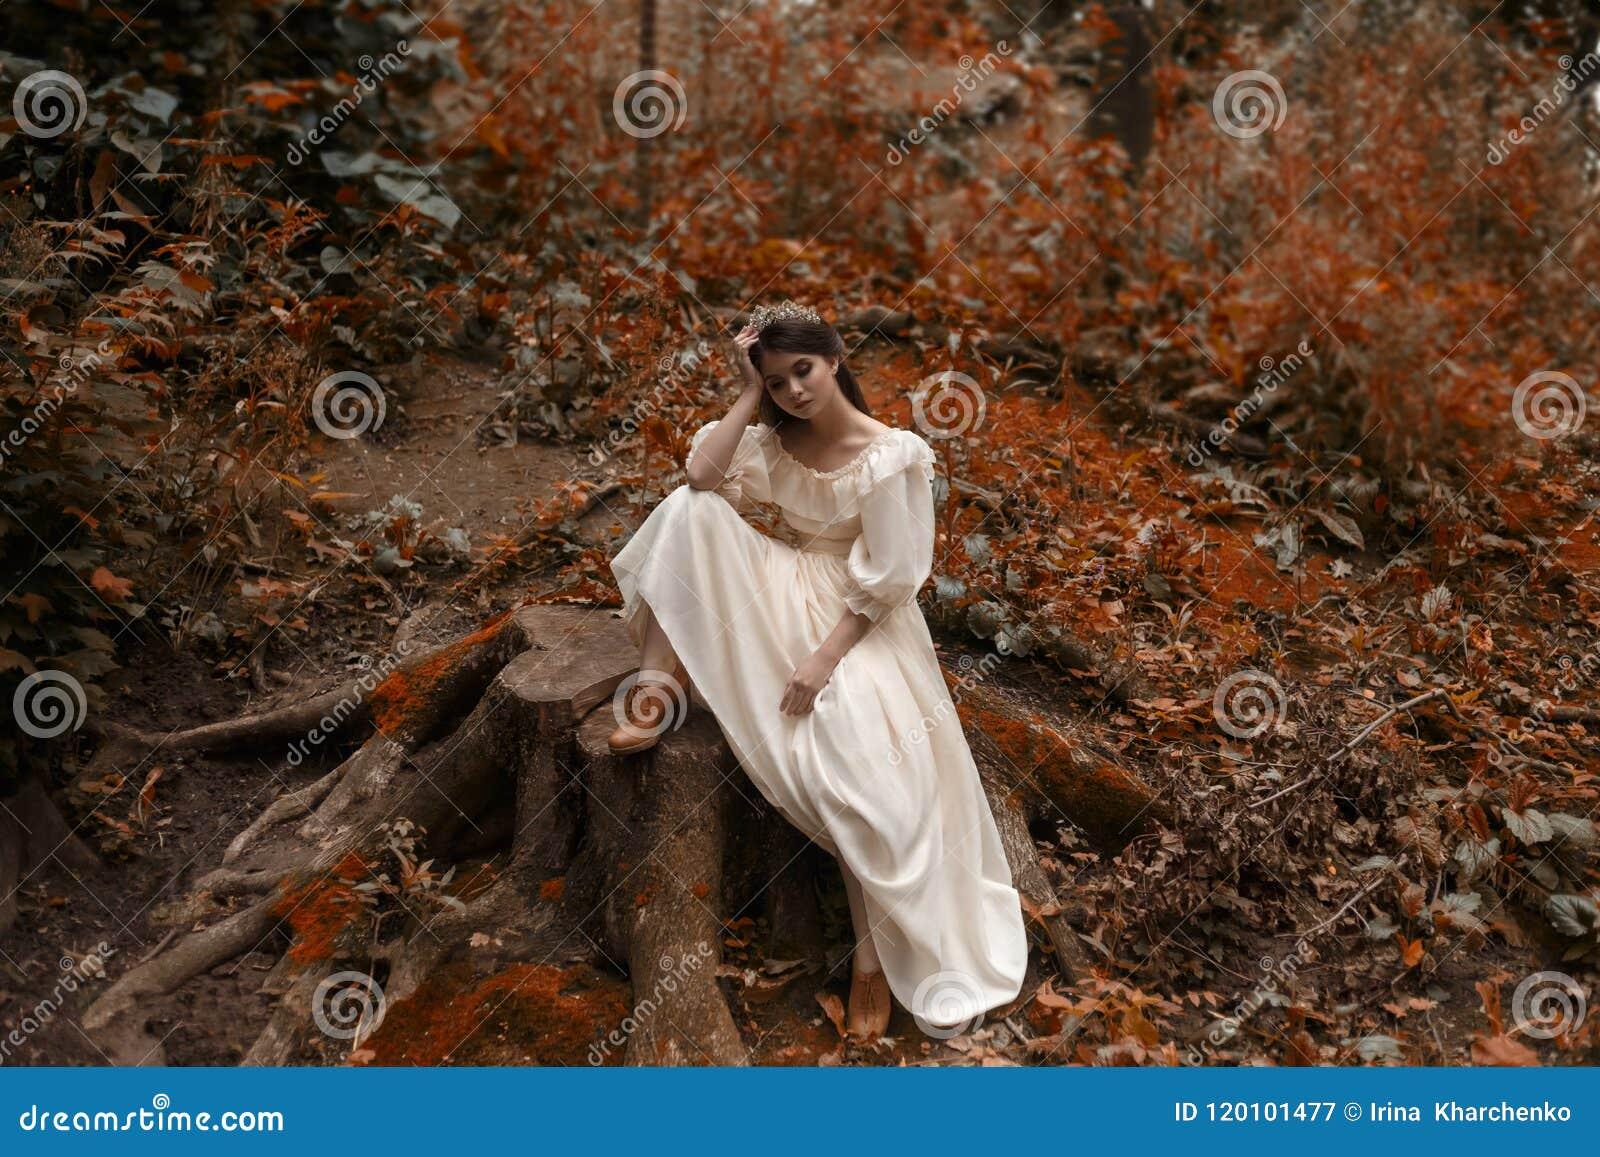 De jongelui, een prinses met zeer lang haar zit op een grote stomp vanaf de dekking van Vogue Brutaal wachtend op een mirakel